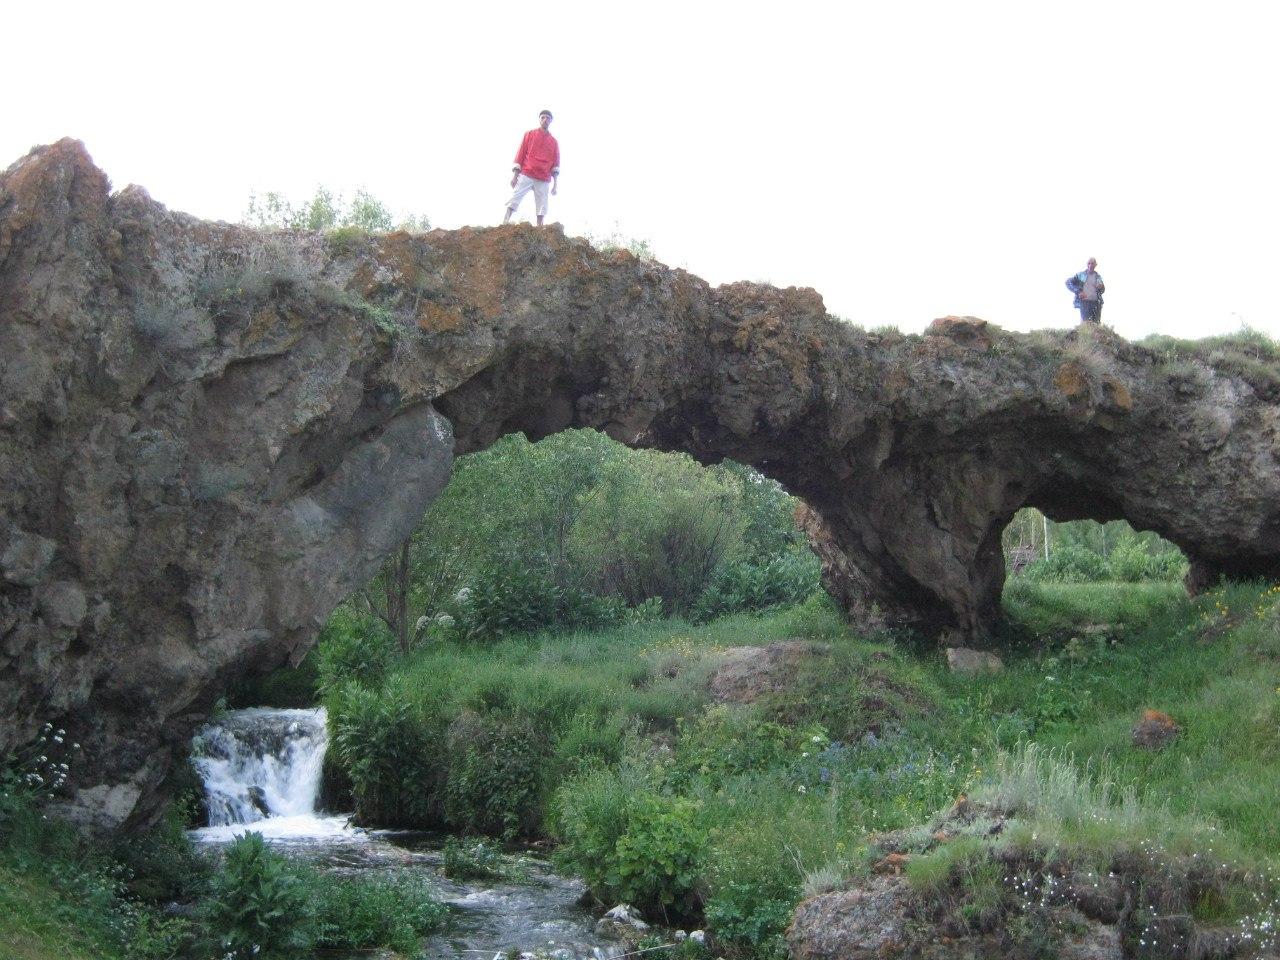 Натуральный двуарочный мост в Цаккaр (Таккар)